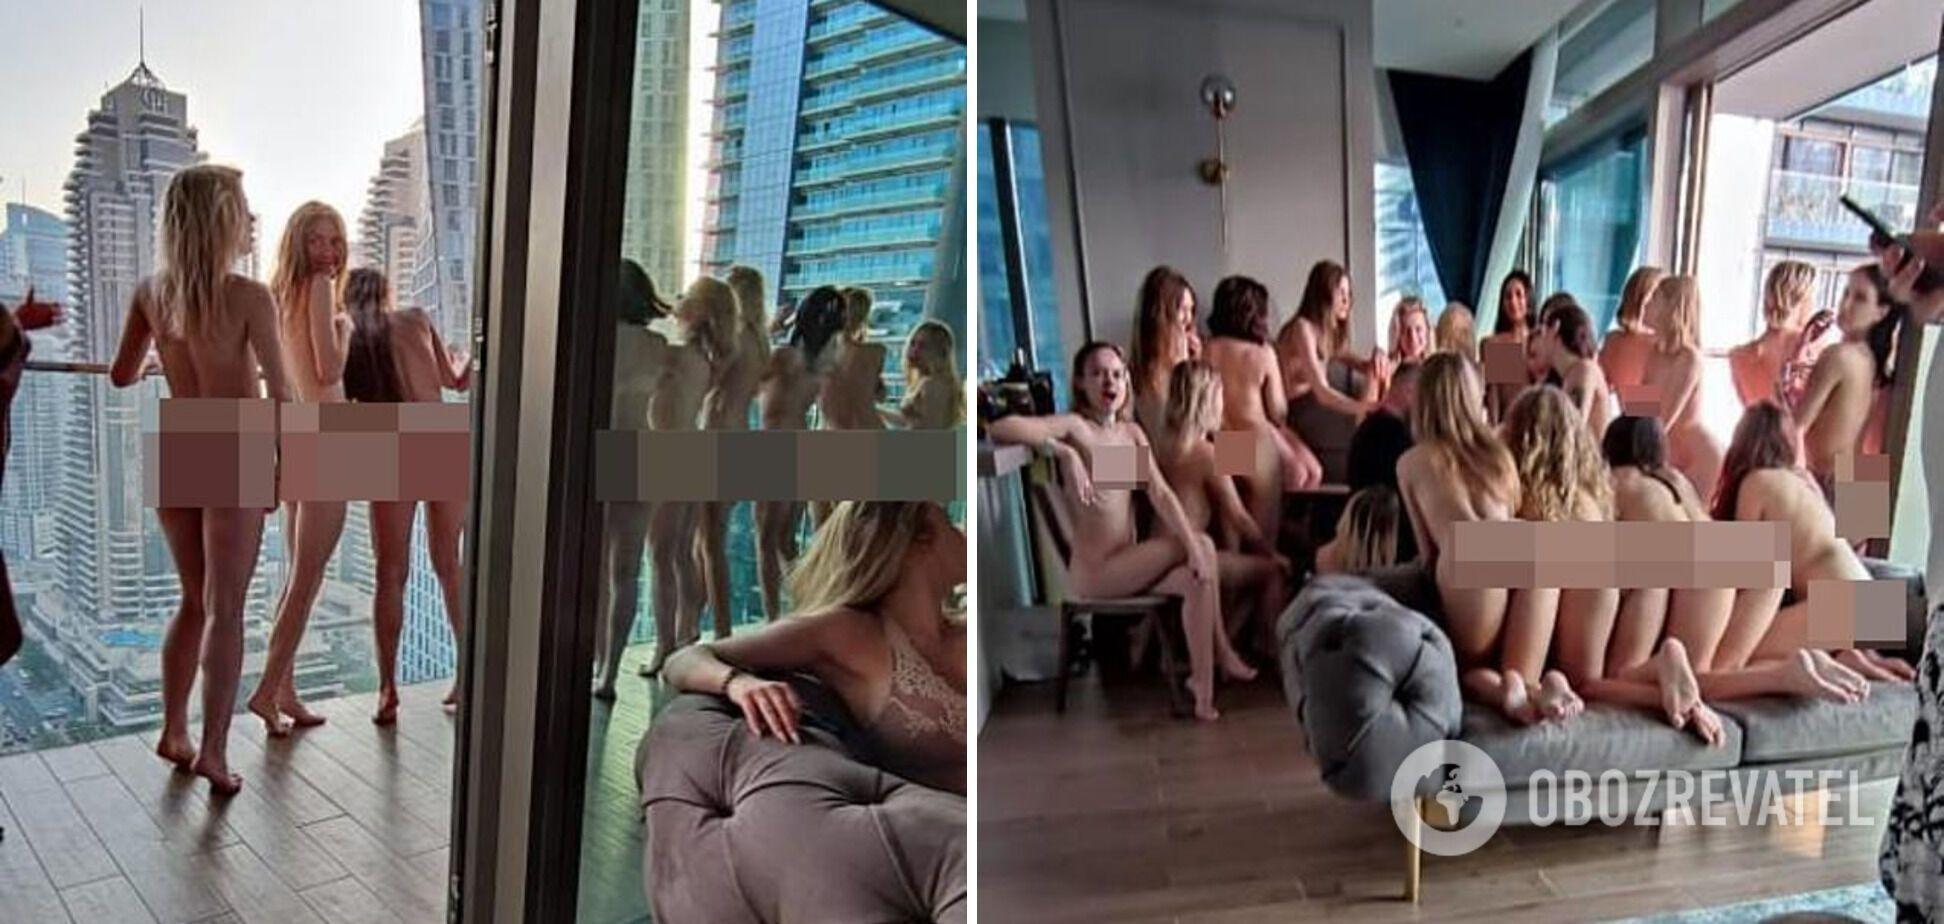 Модели, которых арестовали в Дубае за голую съемку на балконе отеля